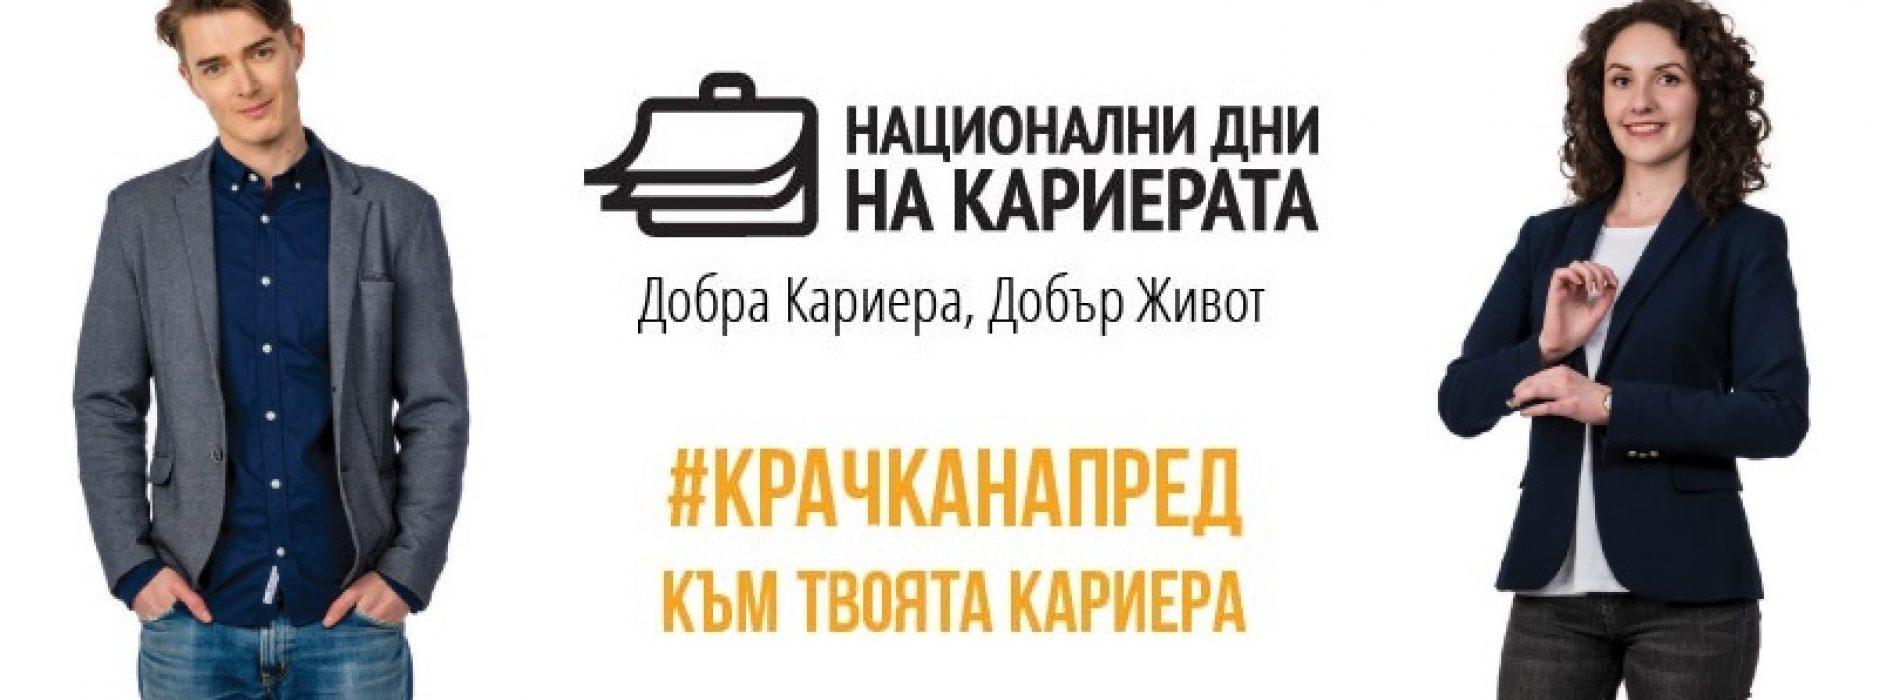 """Форумът """"Национални дни на кариерата"""" се проведе за единадесета поредна година в Бургас и срещна 18 компании с 200 млади специалисти"""